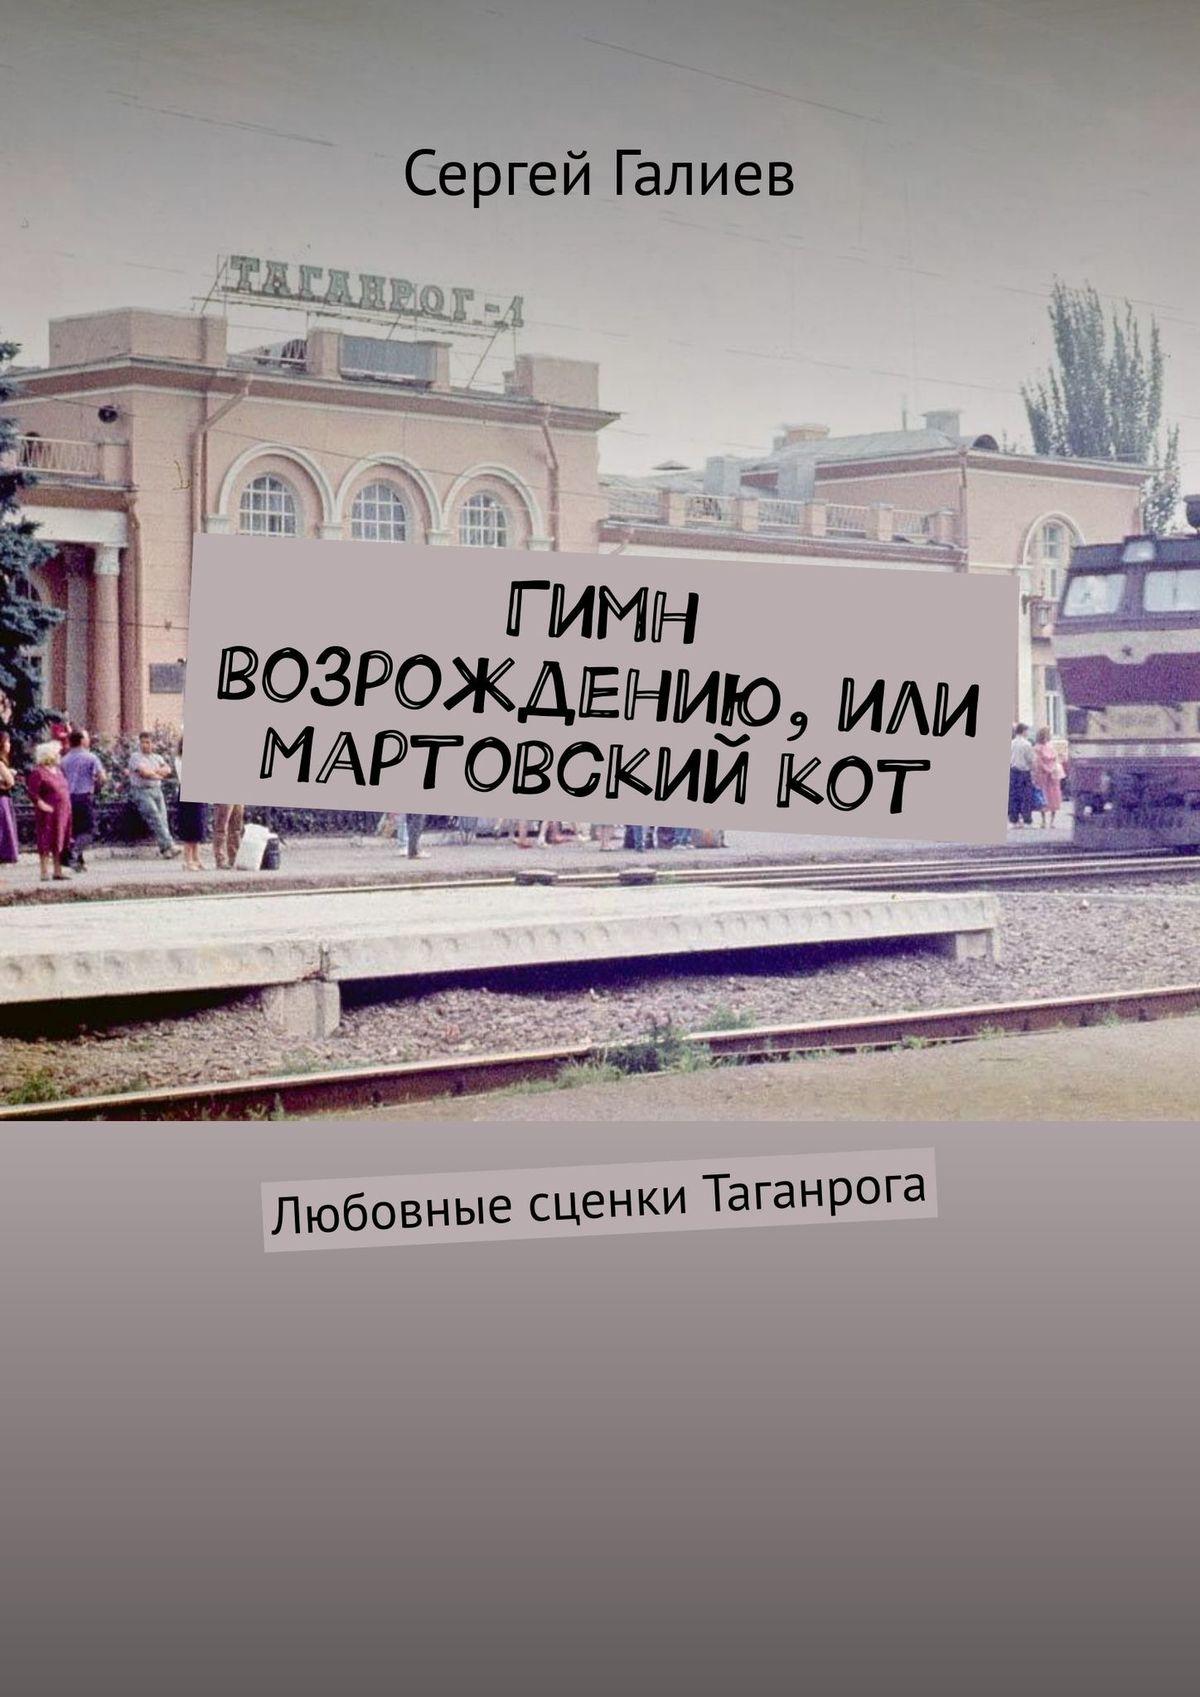 Гимн возрождению, или Мартовскийкот. Любовные сценки Таганрога